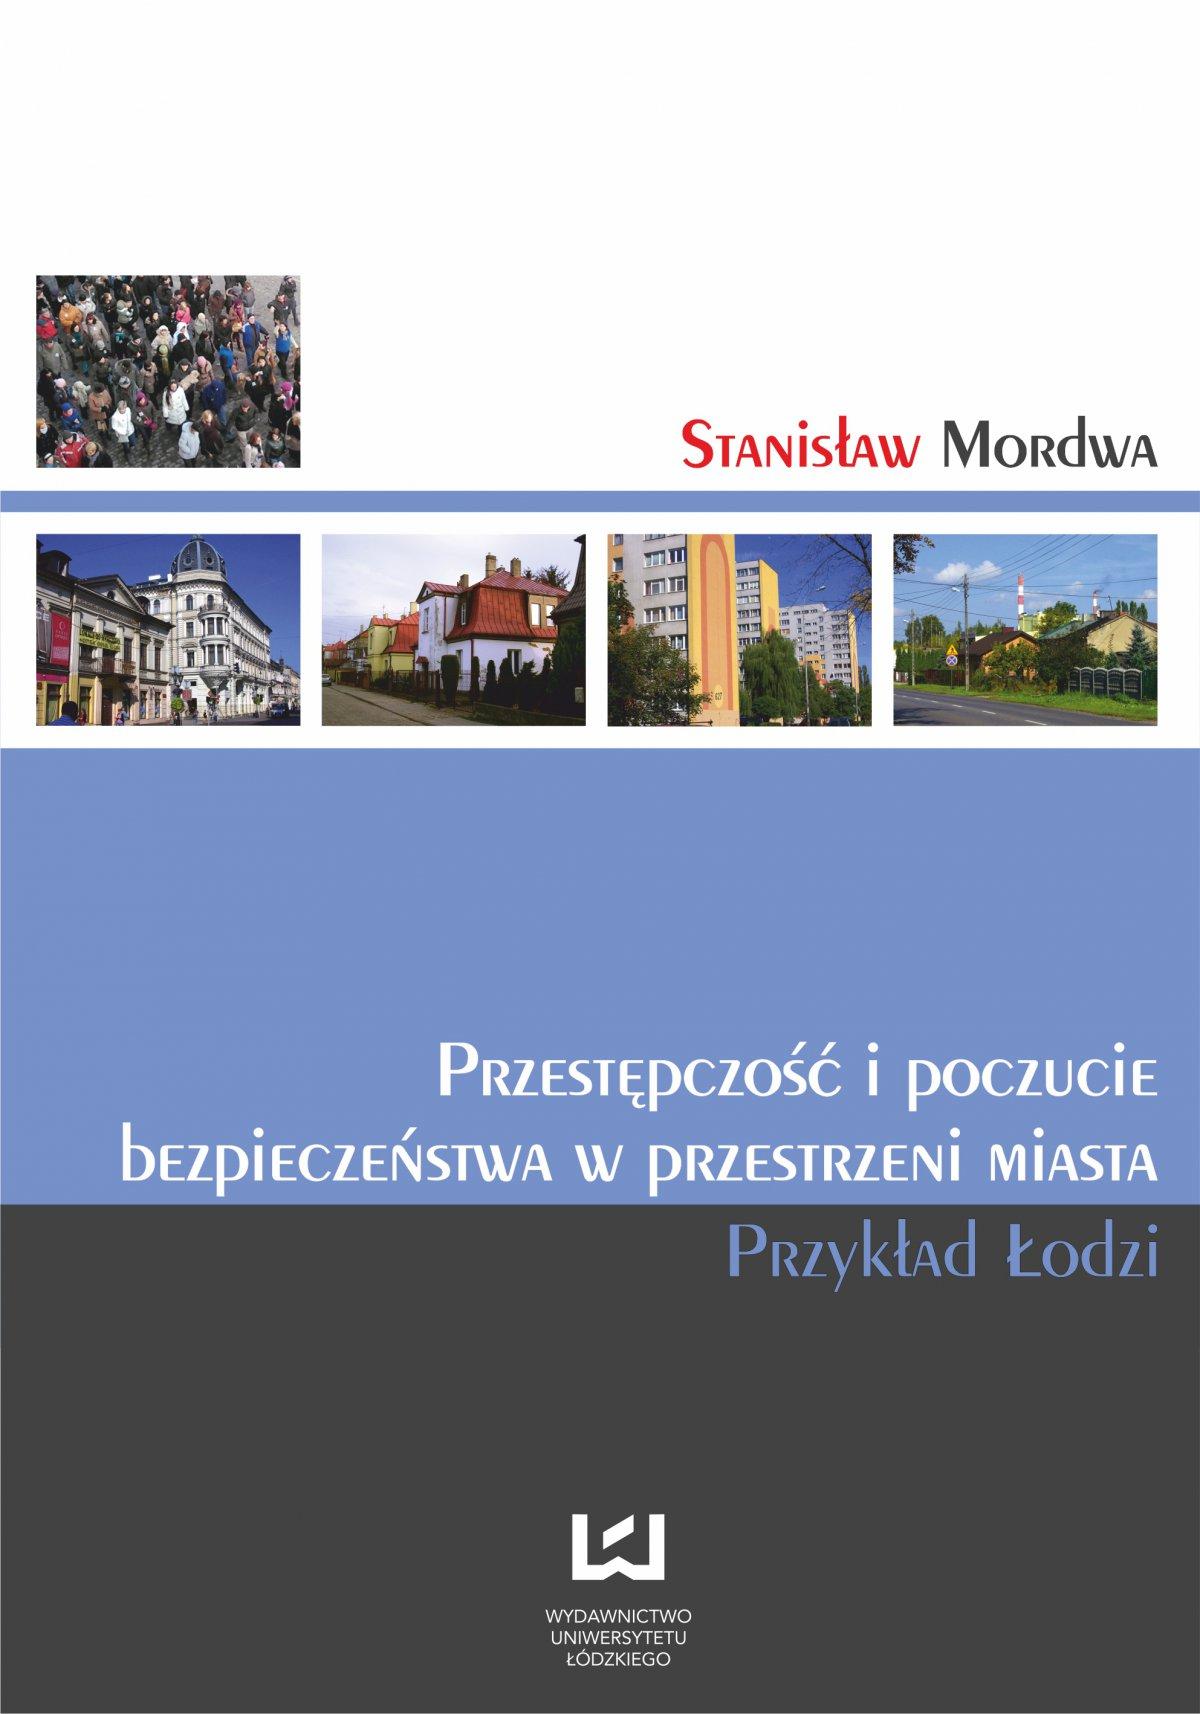 Przestępczość i poczucie bezpieczeństwa w przestrzeni miasta. Przykład Łodzi - Ebook (Książka PDF) do pobrania w formacie PDF